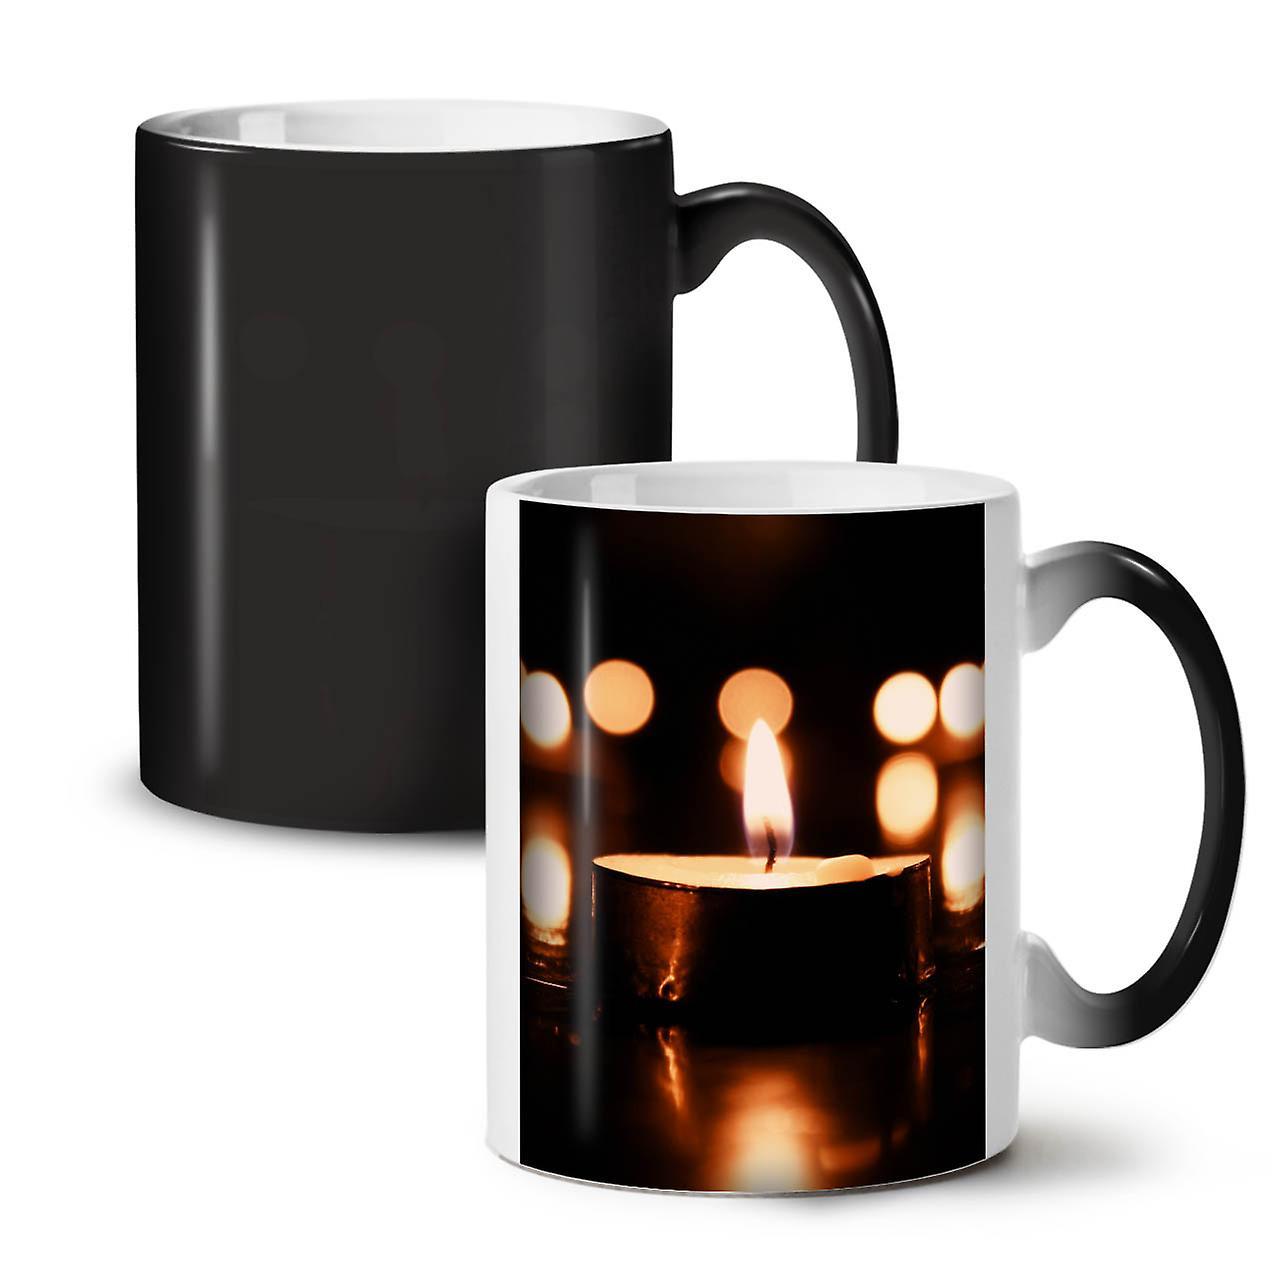 OzWellcoda Café De Tasse Thé Changeant Céramique Nouveau Noir Bougie Couleur Lumineuse Calme 11 e9DWEHI2Y